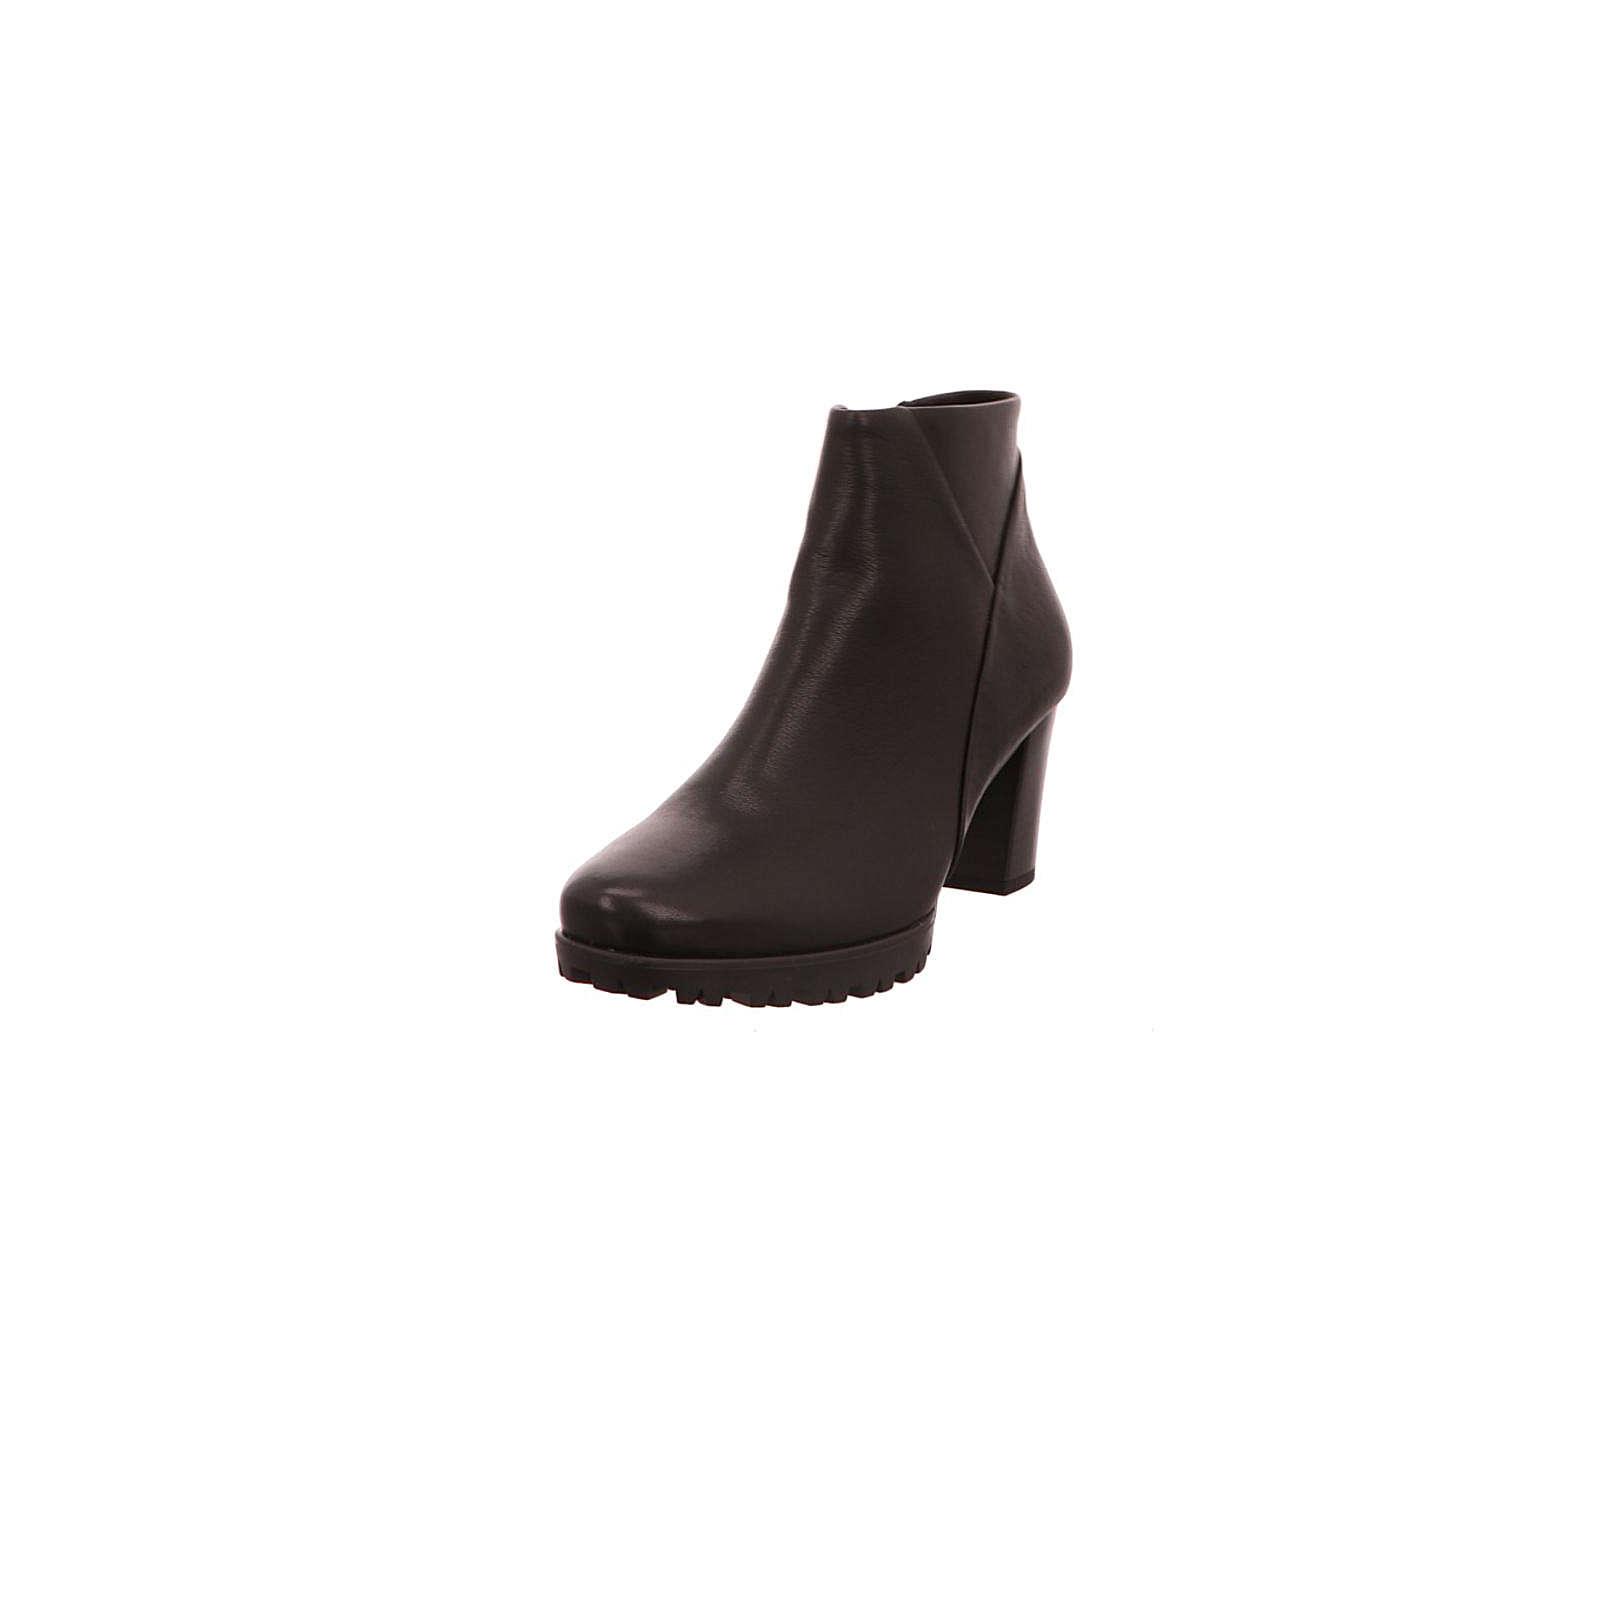 Gabor Stiefel schwarz Klassische Stiefeletten schwarz Damen Gr. 38,5